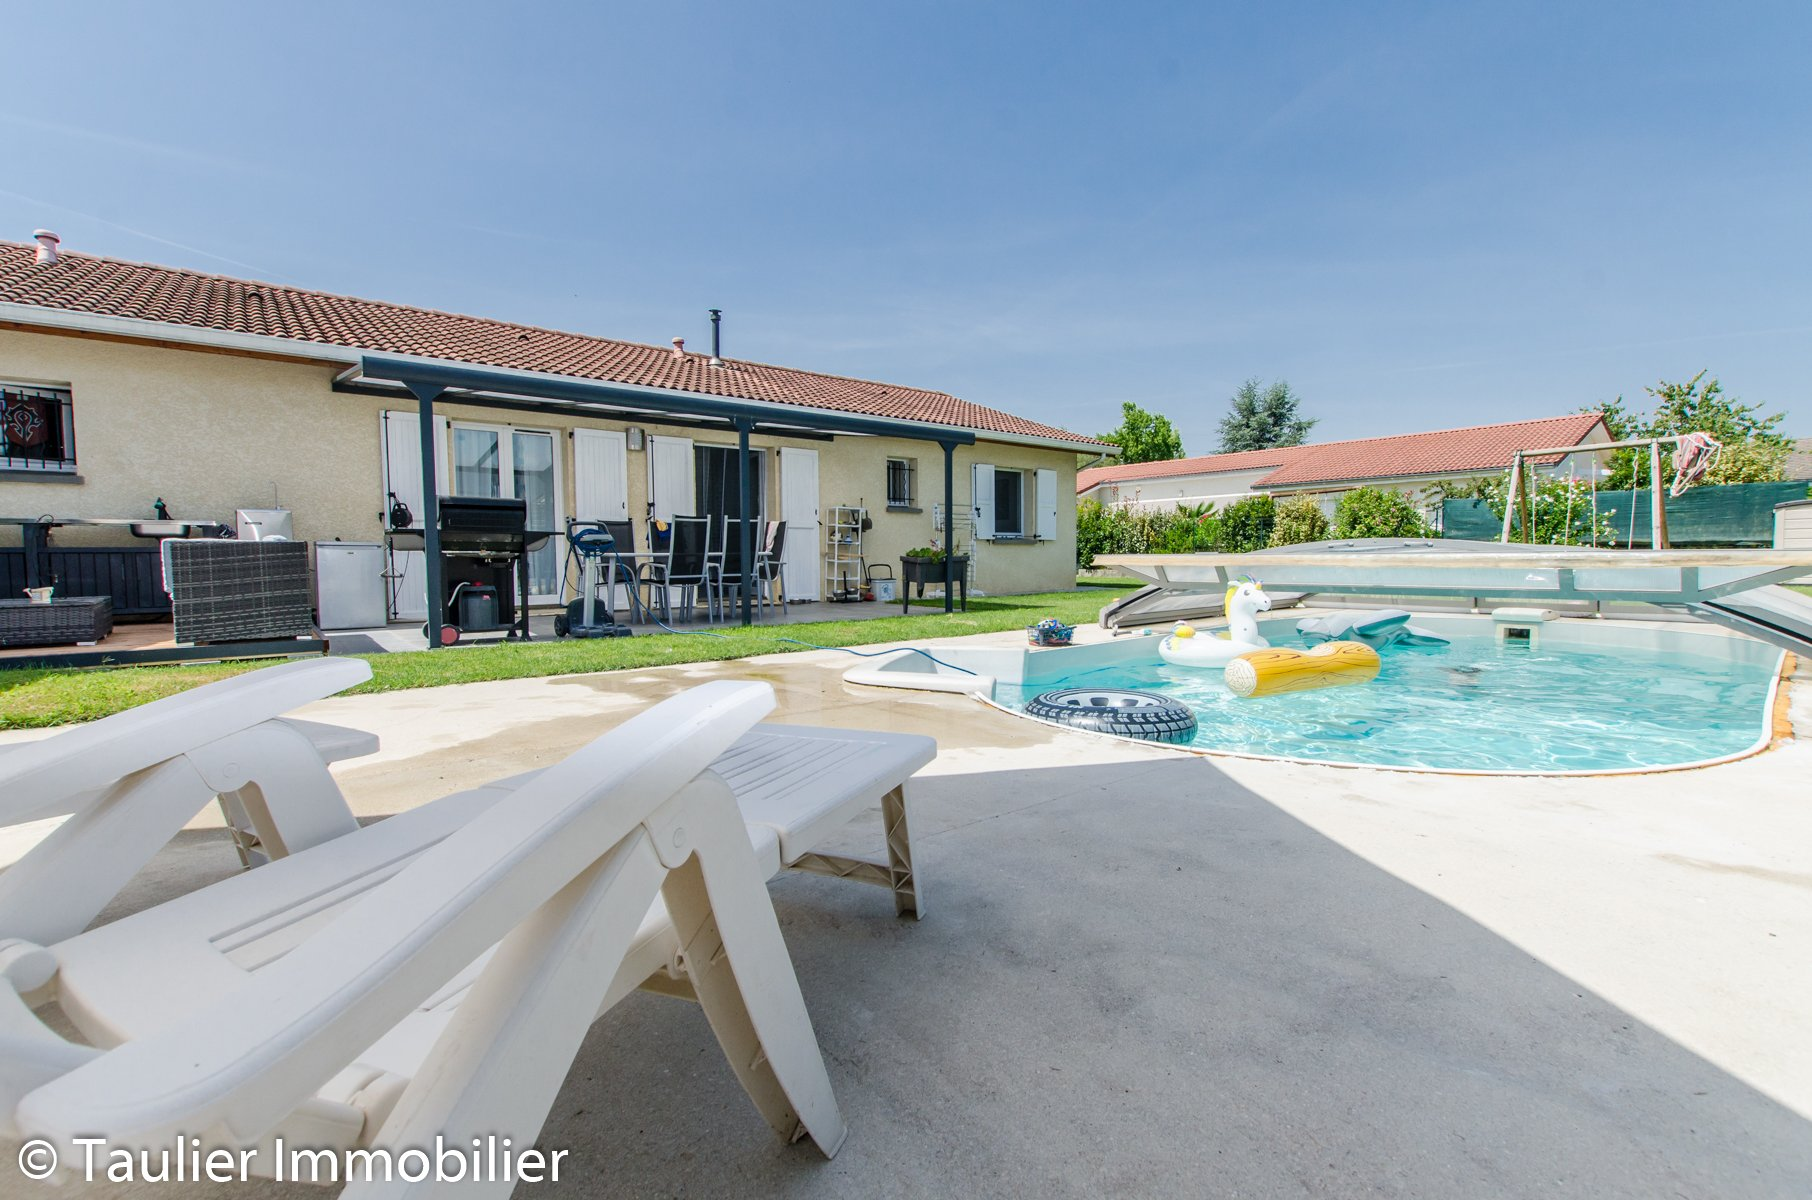 Maison T4 plain pied avec piscine